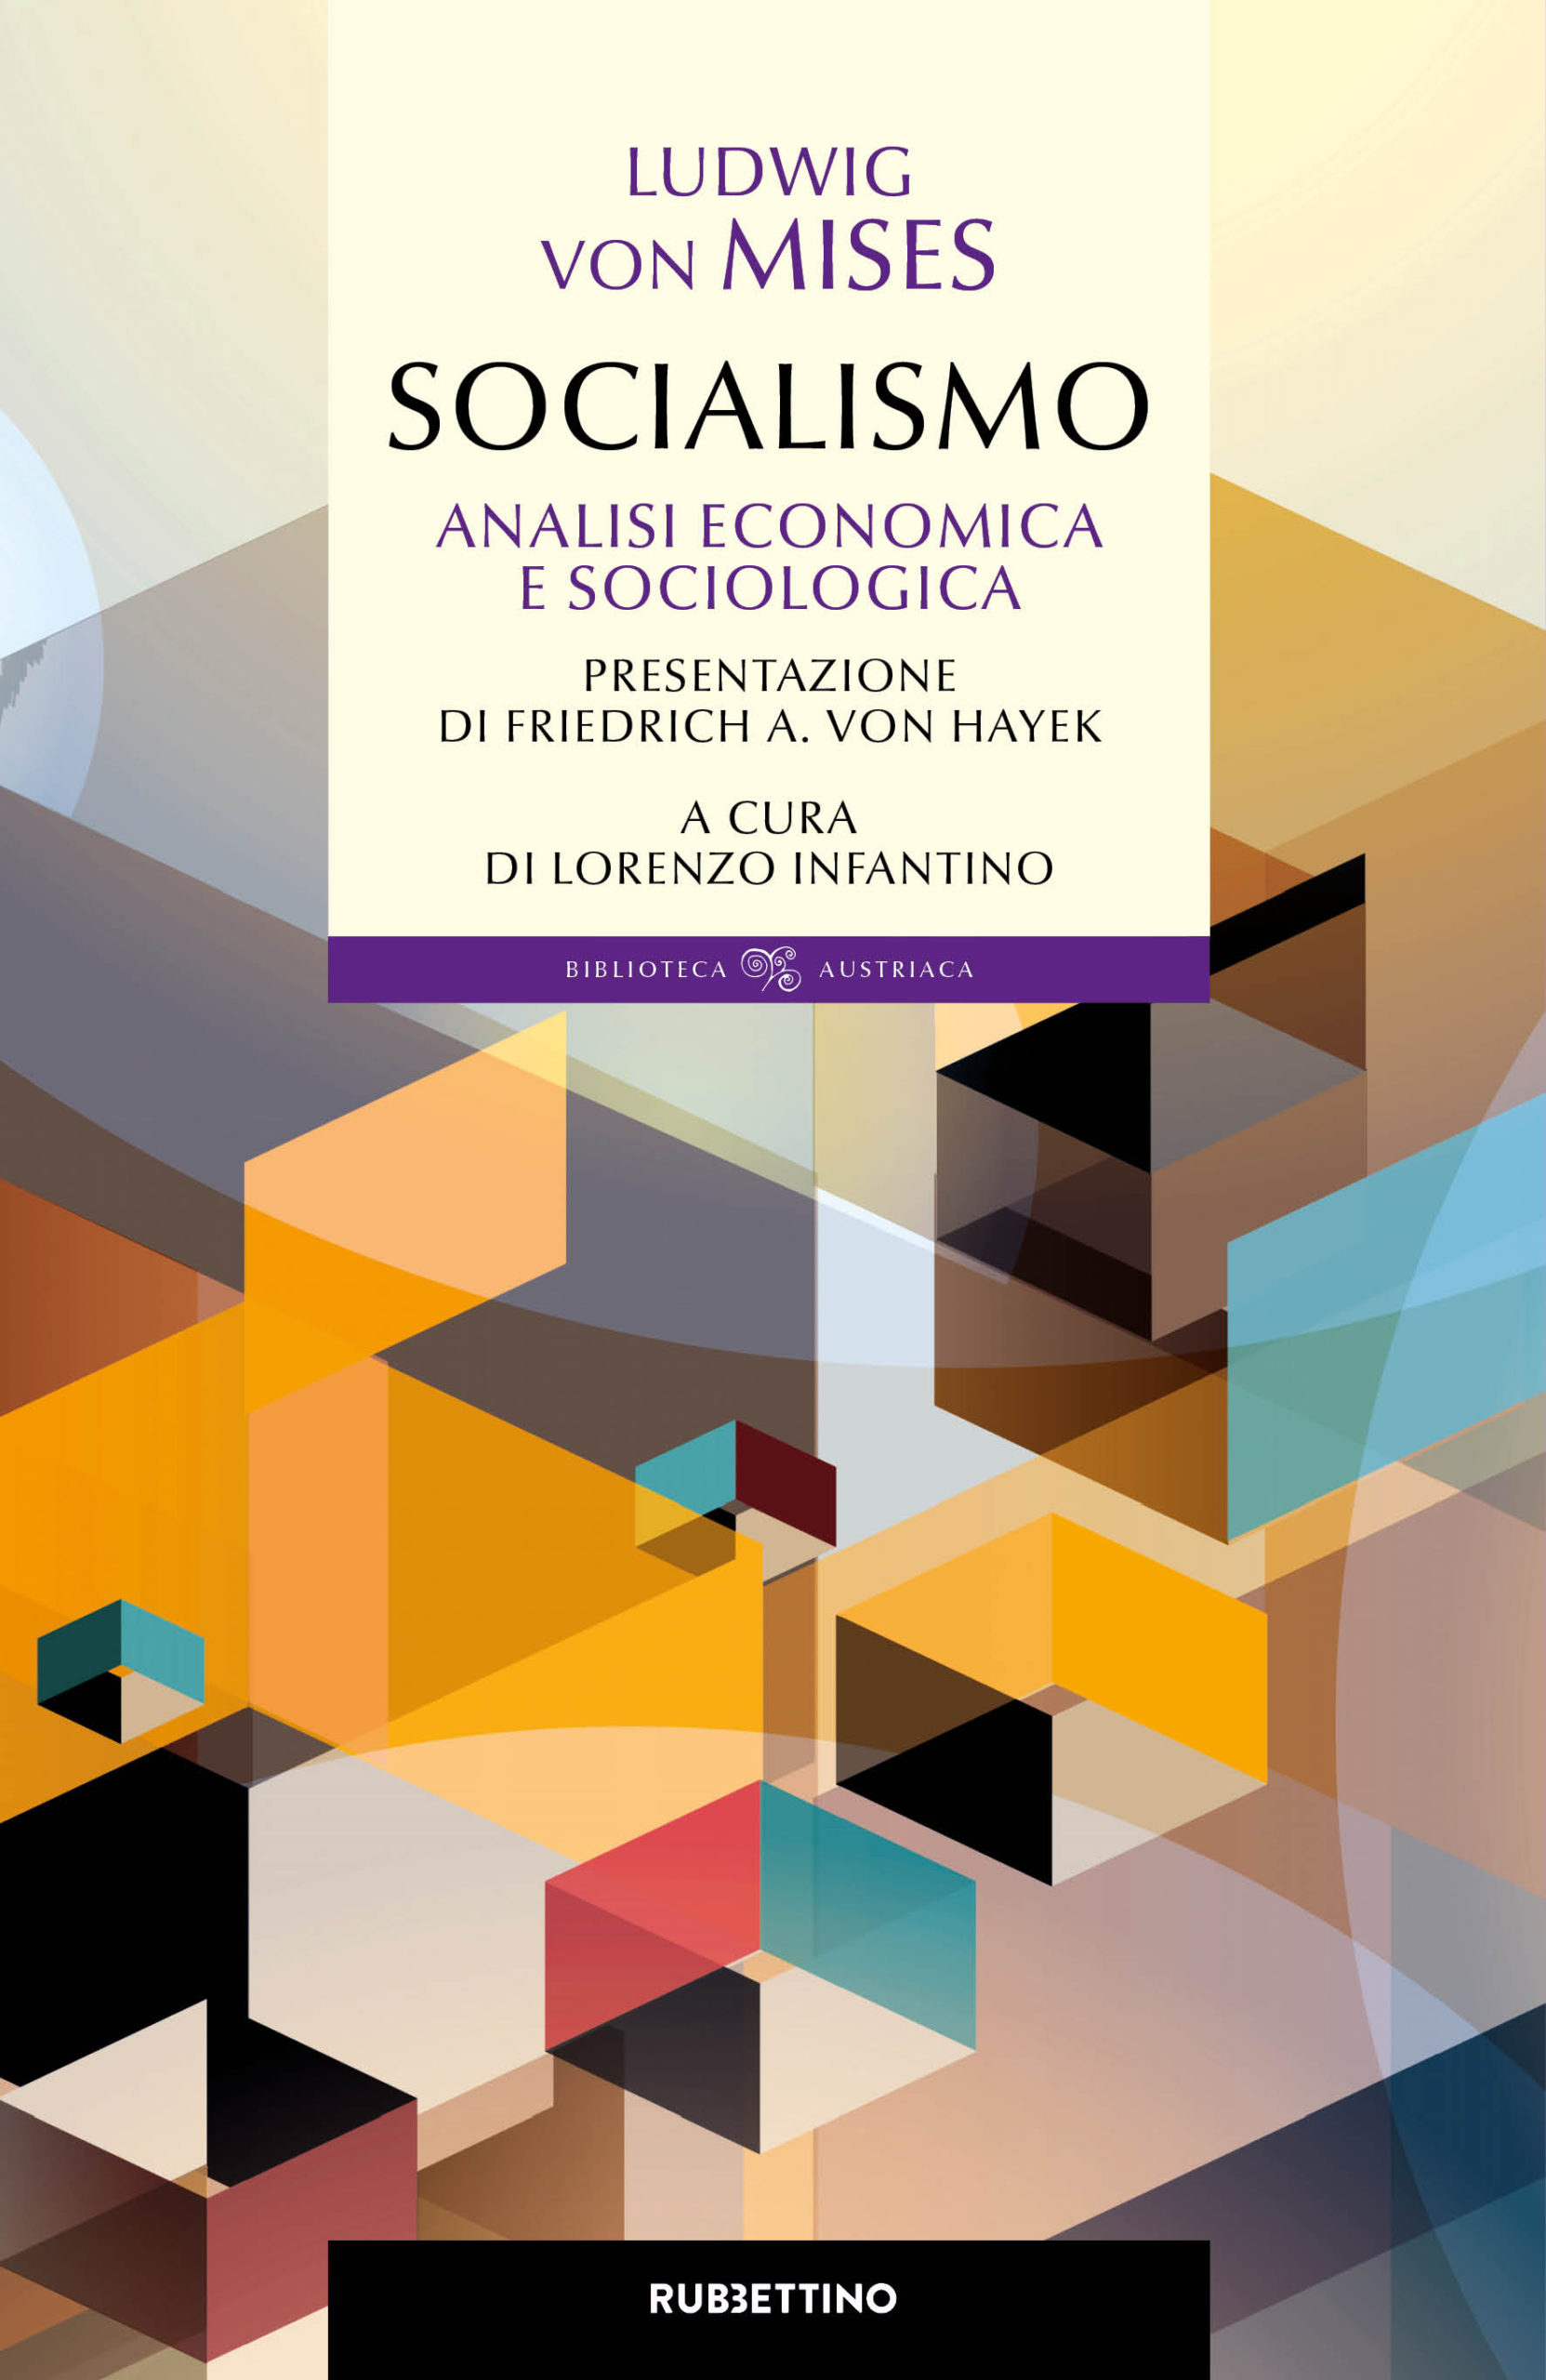 Ludwig Von Mises: Socialismo. Analisi economica e sociologica – a cura di Lorenzo Infantino